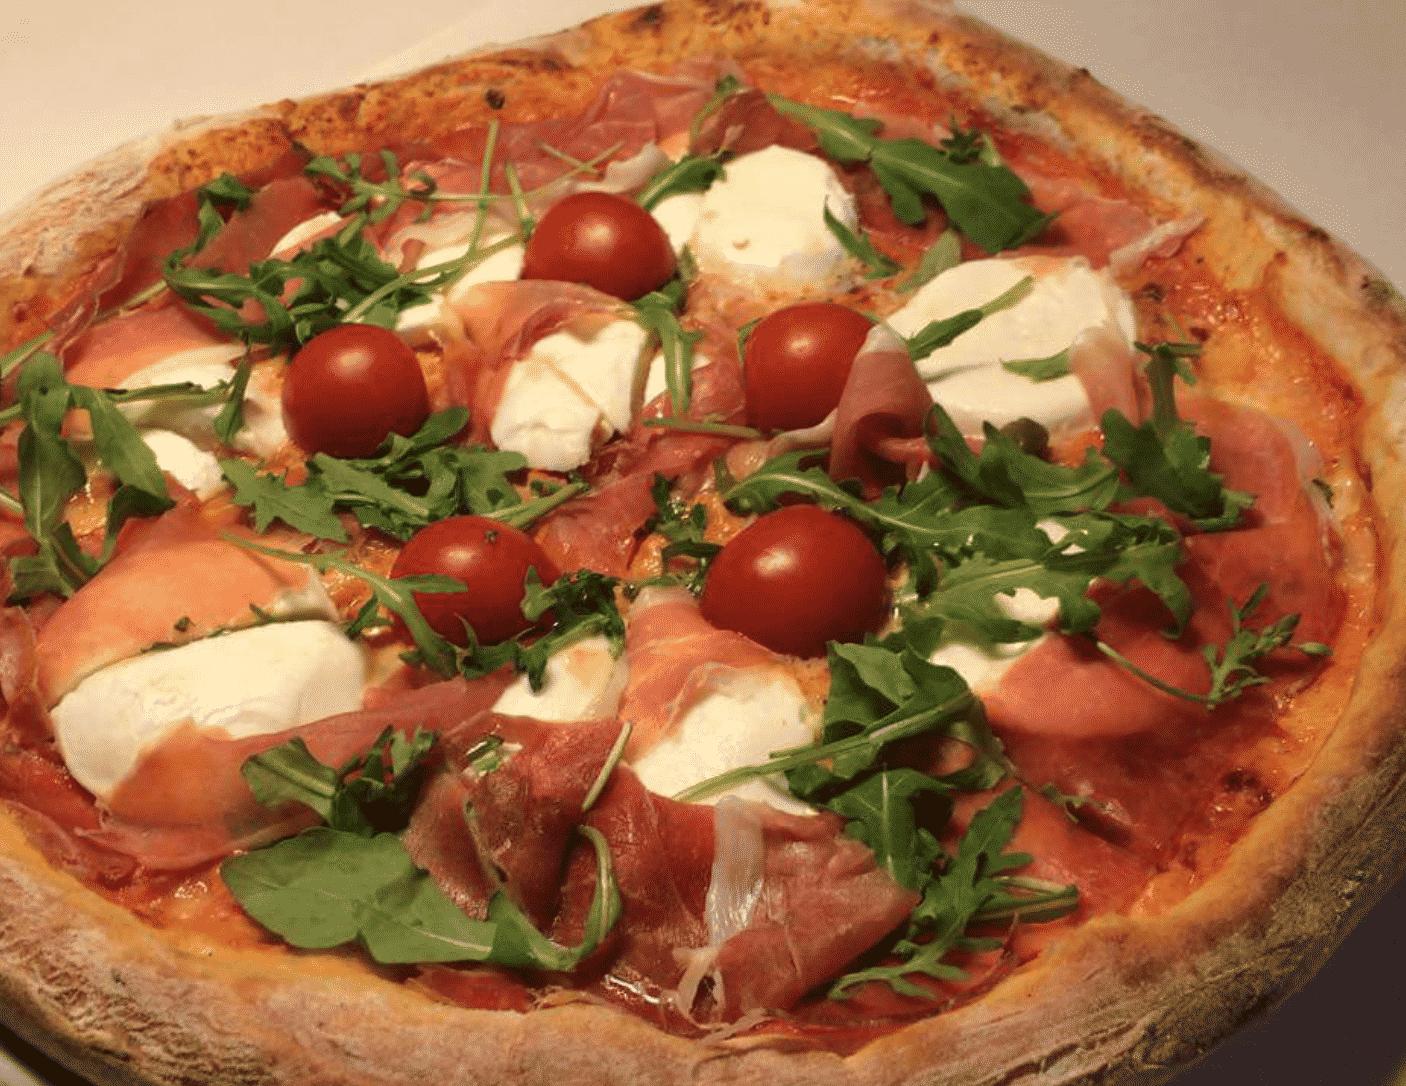 Il Peccato Pizza